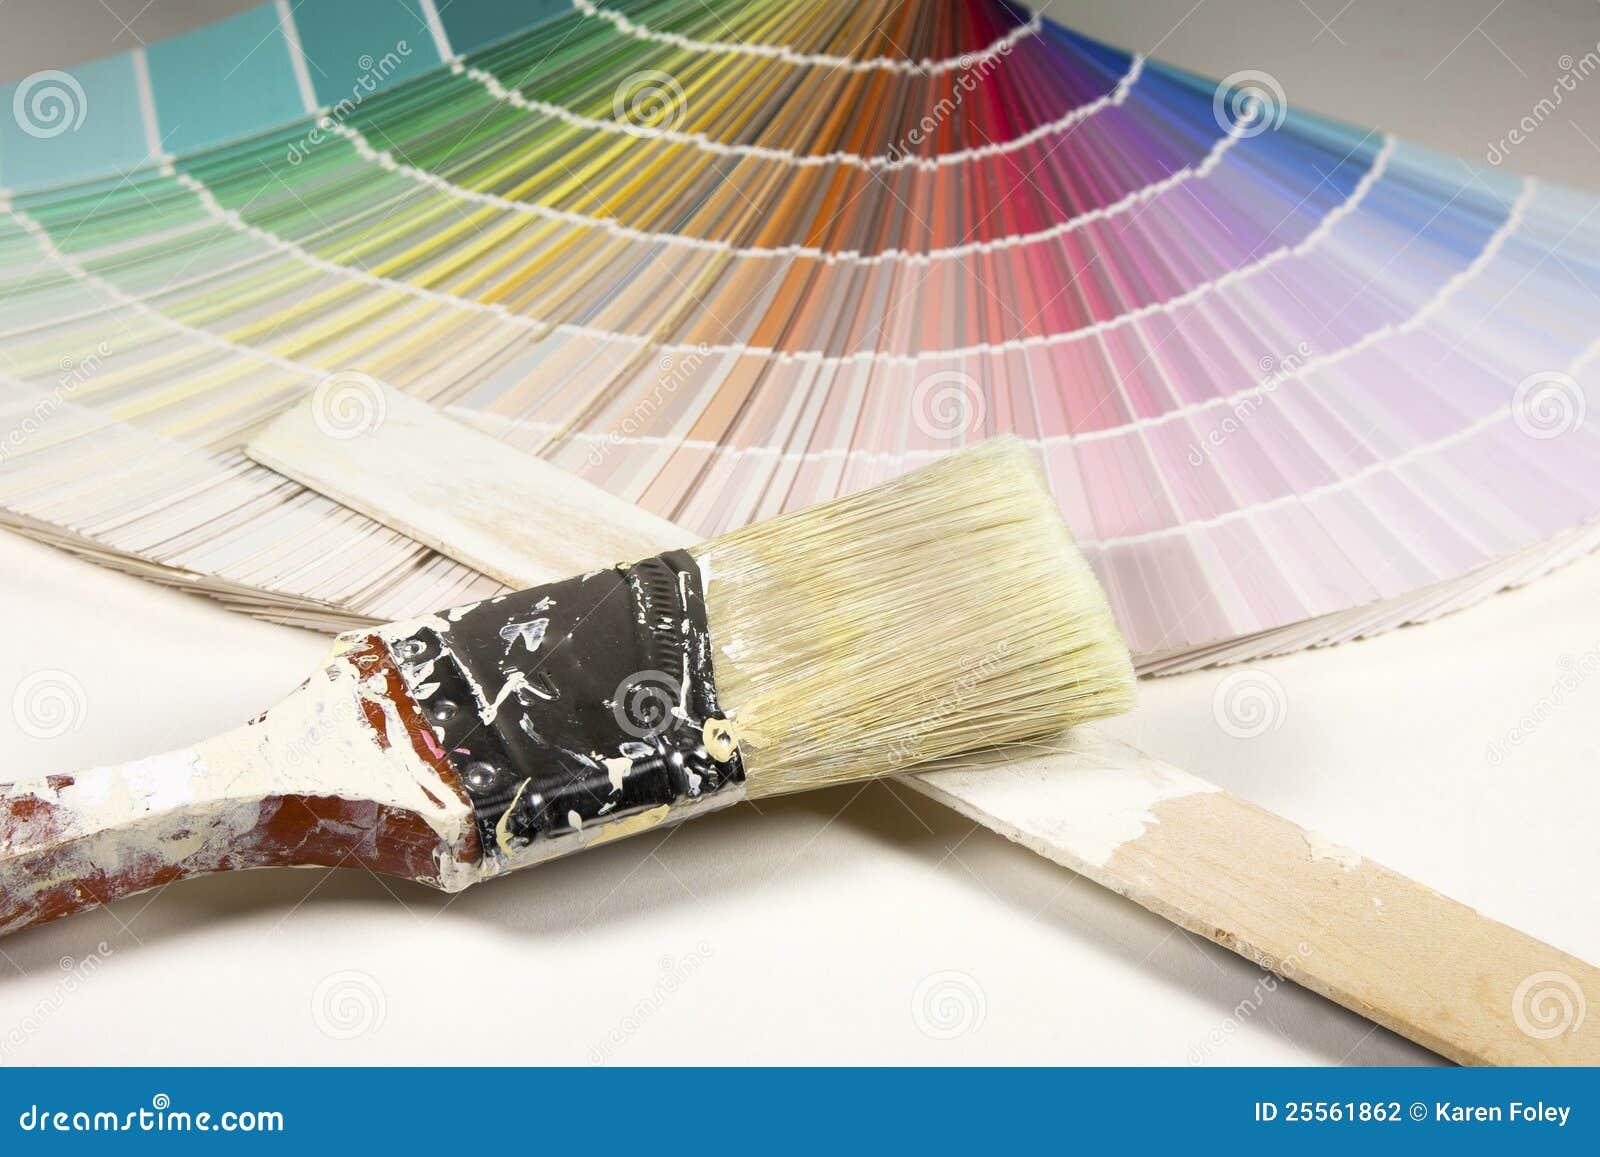 Painters Palet